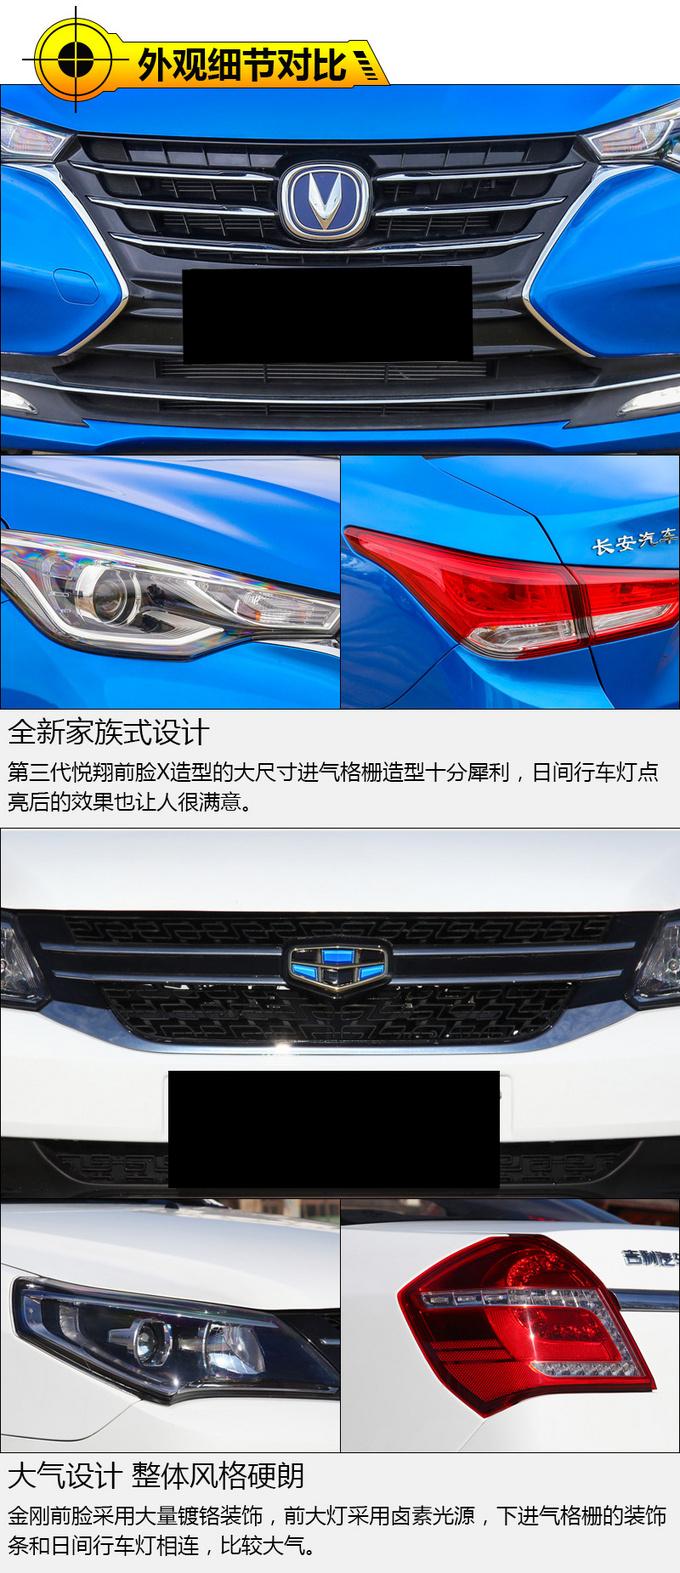 5万块买代步好车 长安全新悦翔/吉利金刚如何选-图2